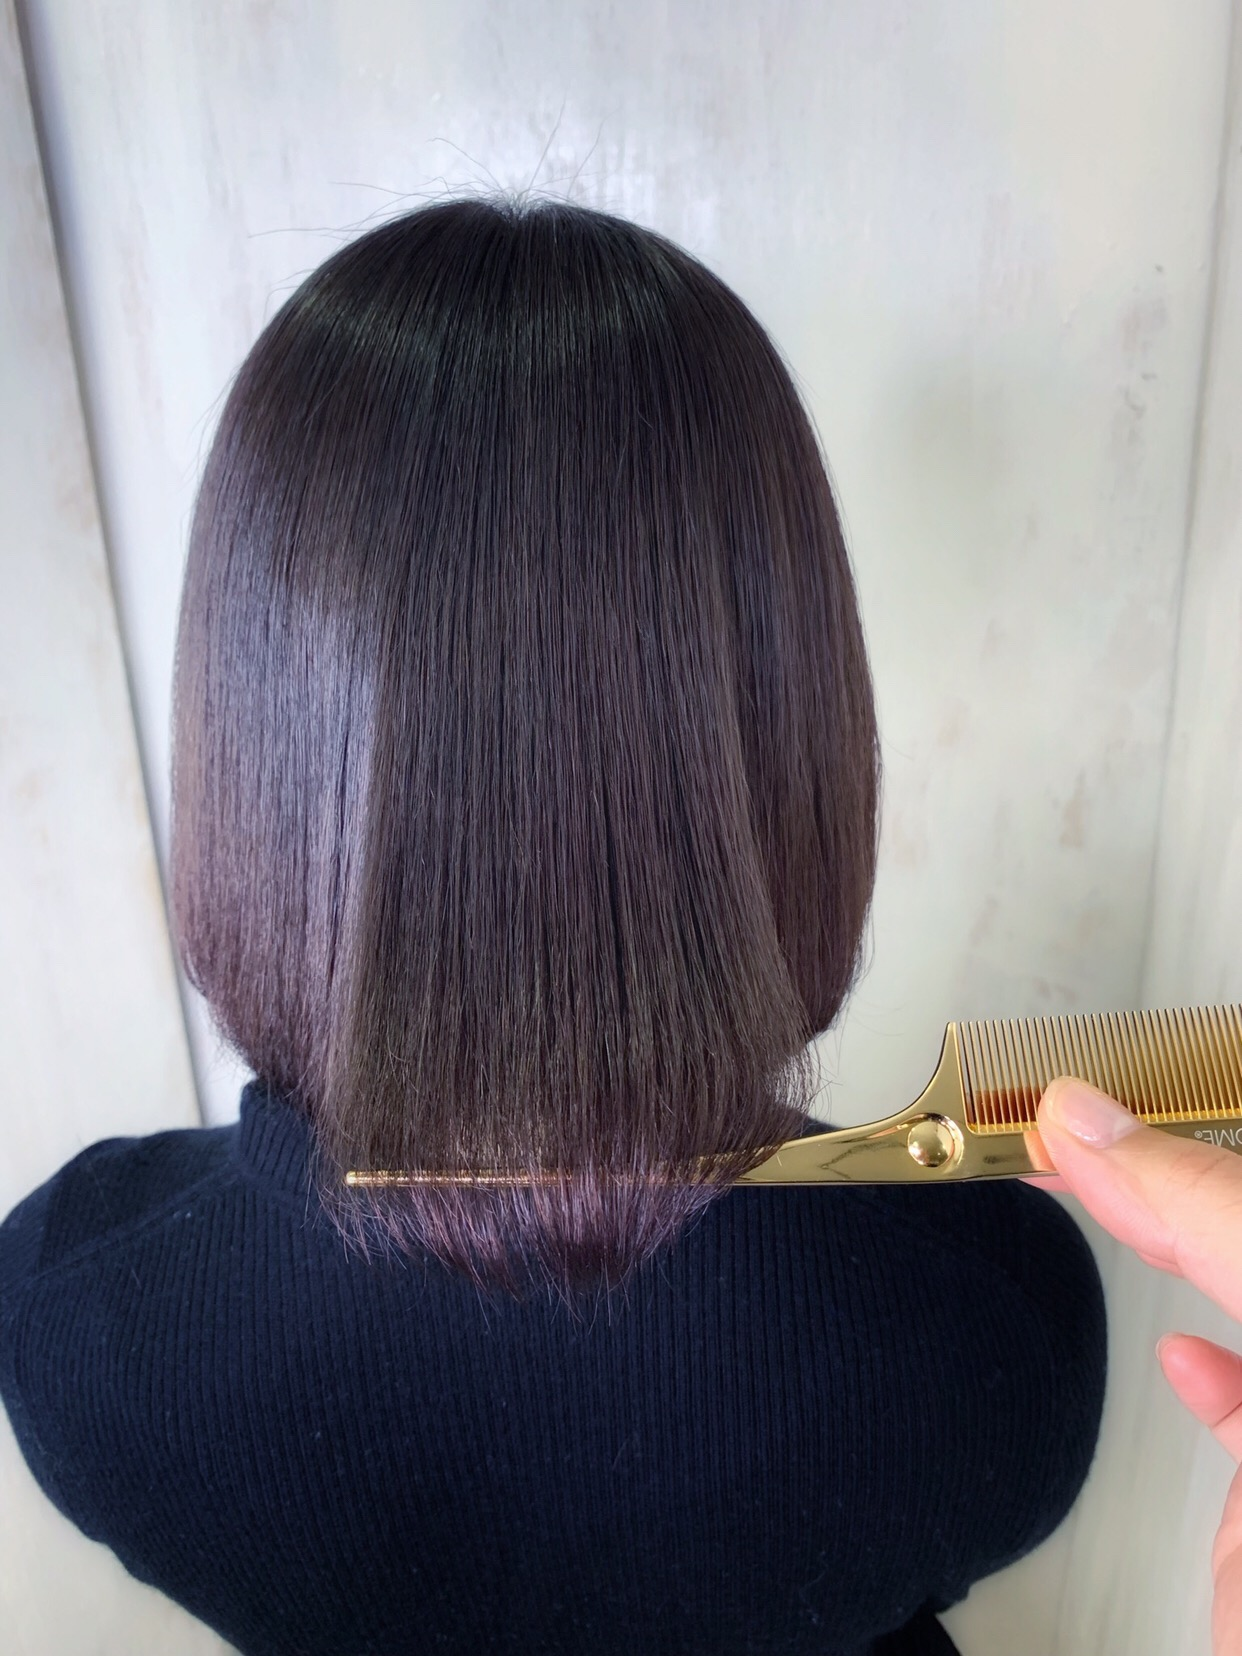 髪のダメージとパサつきを抑える【ジュエリーシステム×LULUトリートメント×縮毛矯正】原宿・表参道『1000人をツヤ髪にヘアケア美容師の挑戦』